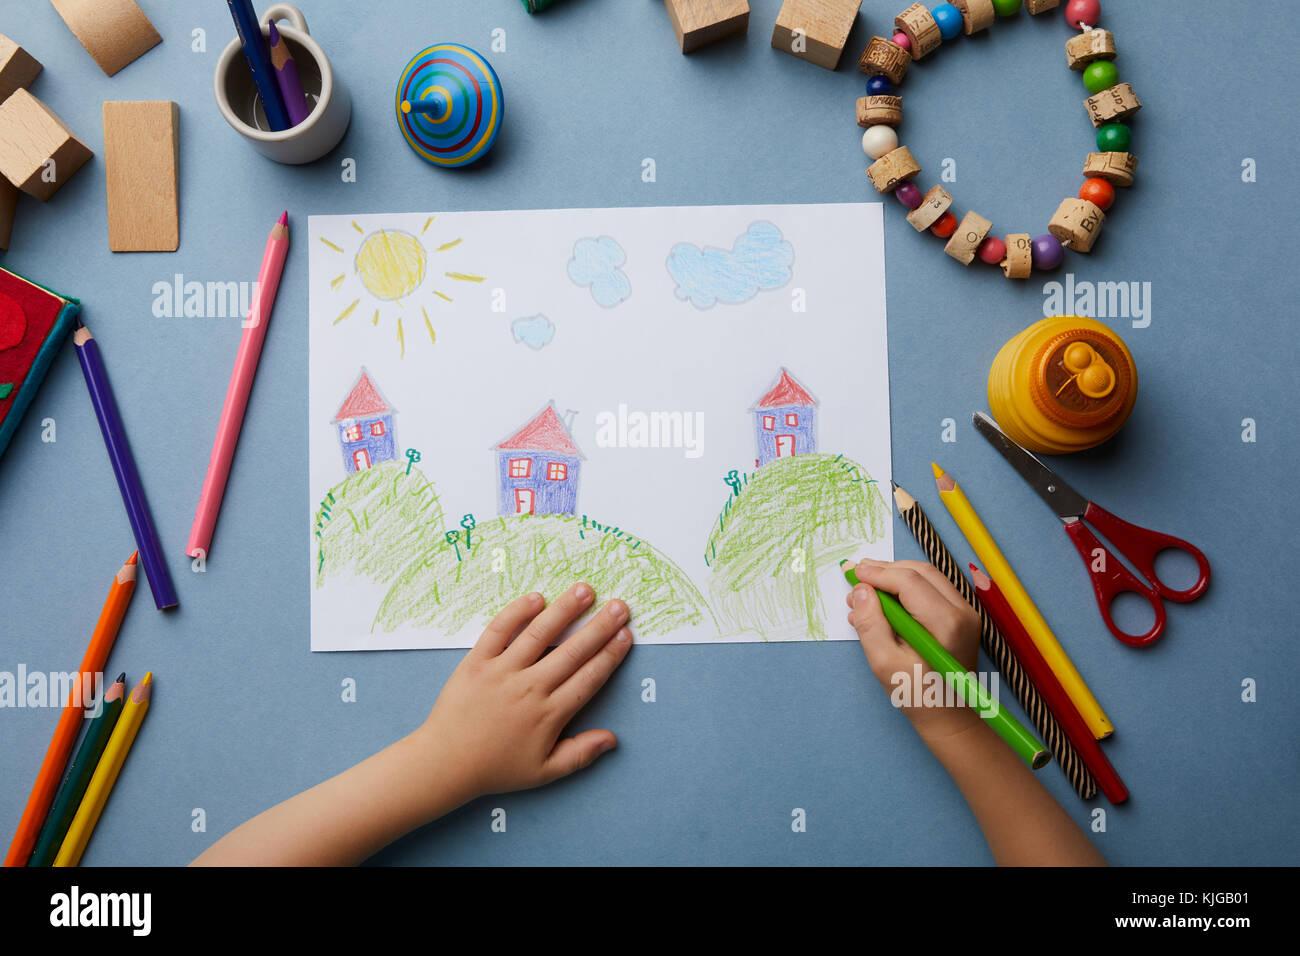 Kind Zeichnung Landschaft mit Häusern Stockbild